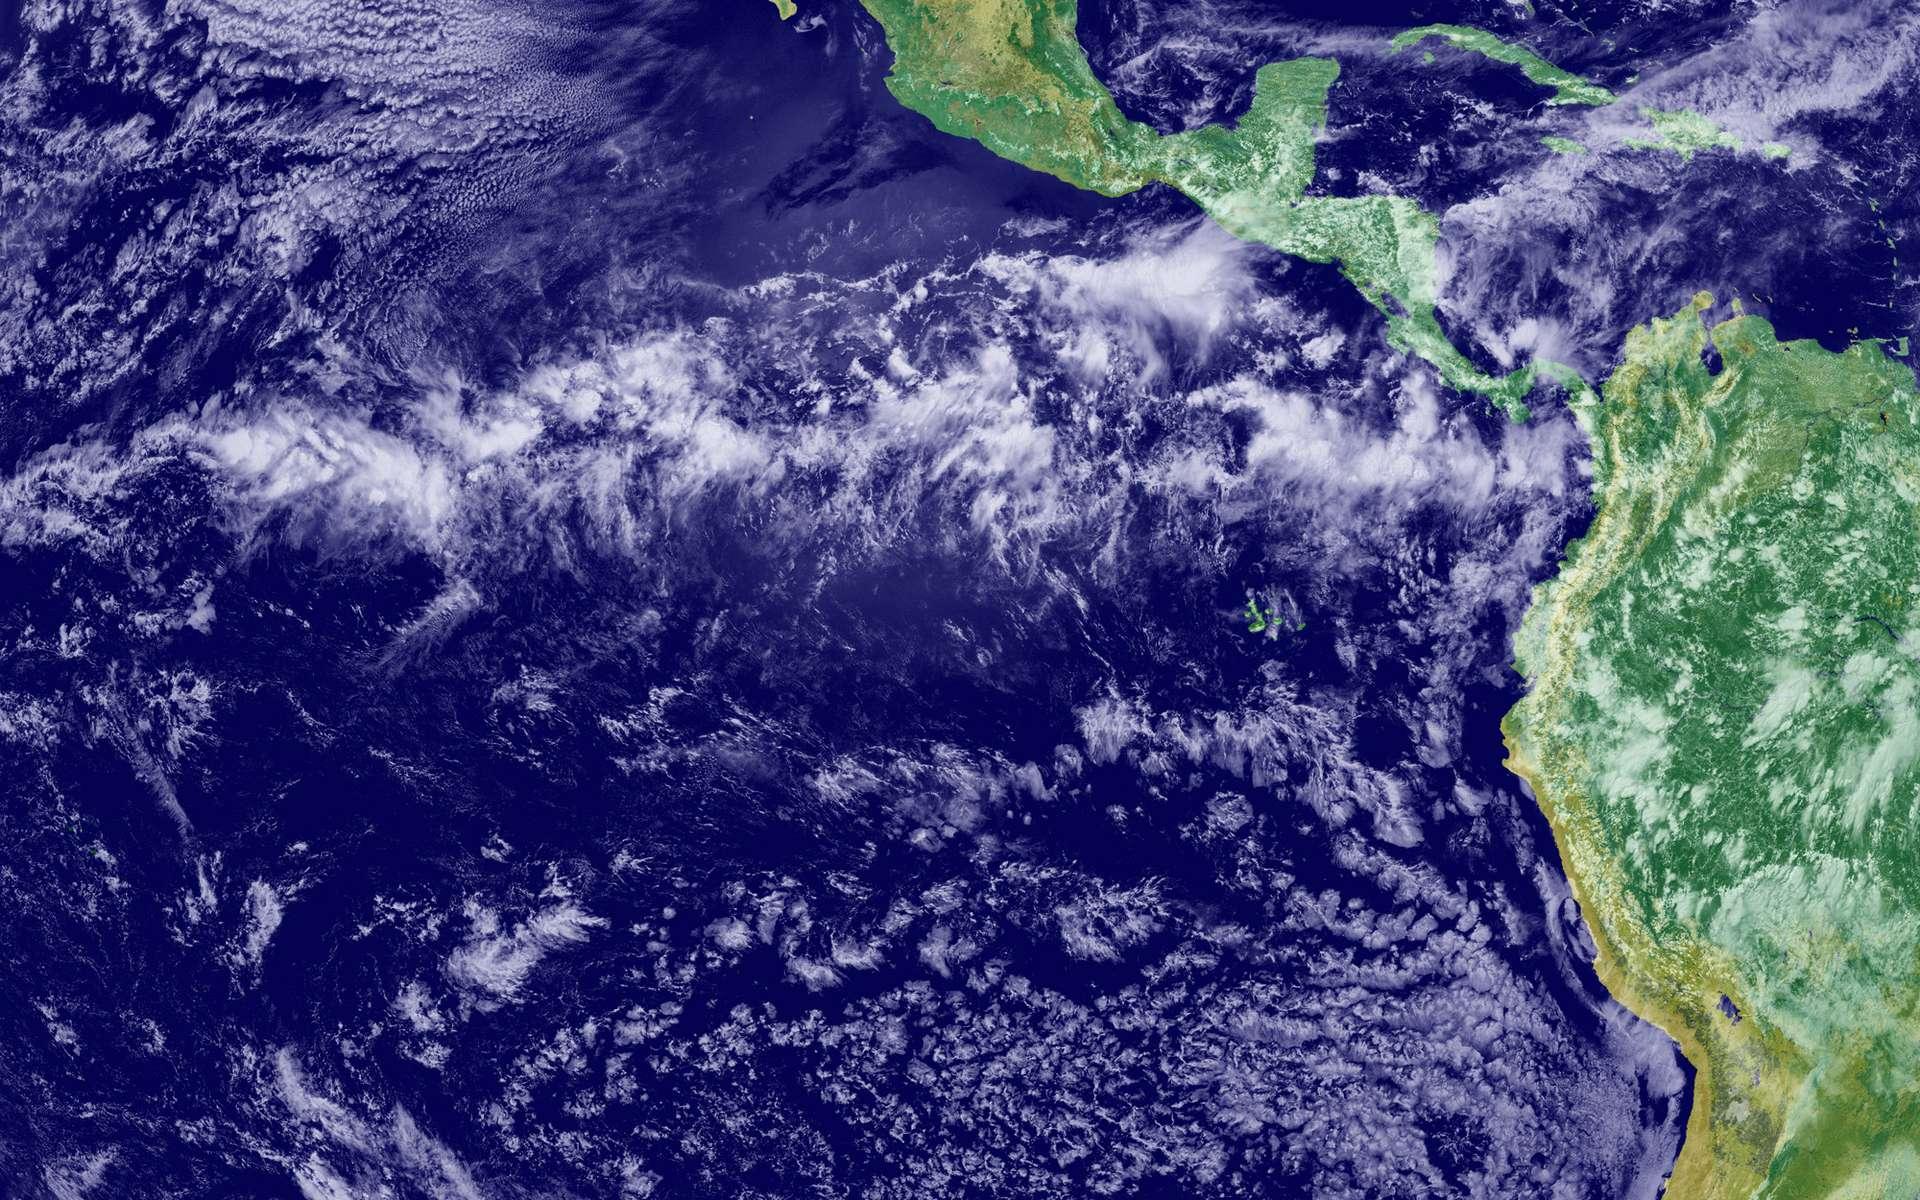 La zone de convergence intertropicale résulte de la convergence des masses d'air chaud et humide, portées par les alizés. Elle ne se trouve pas tout à fait à l'équateur, mais plutôt à 5 °N. © Nasa